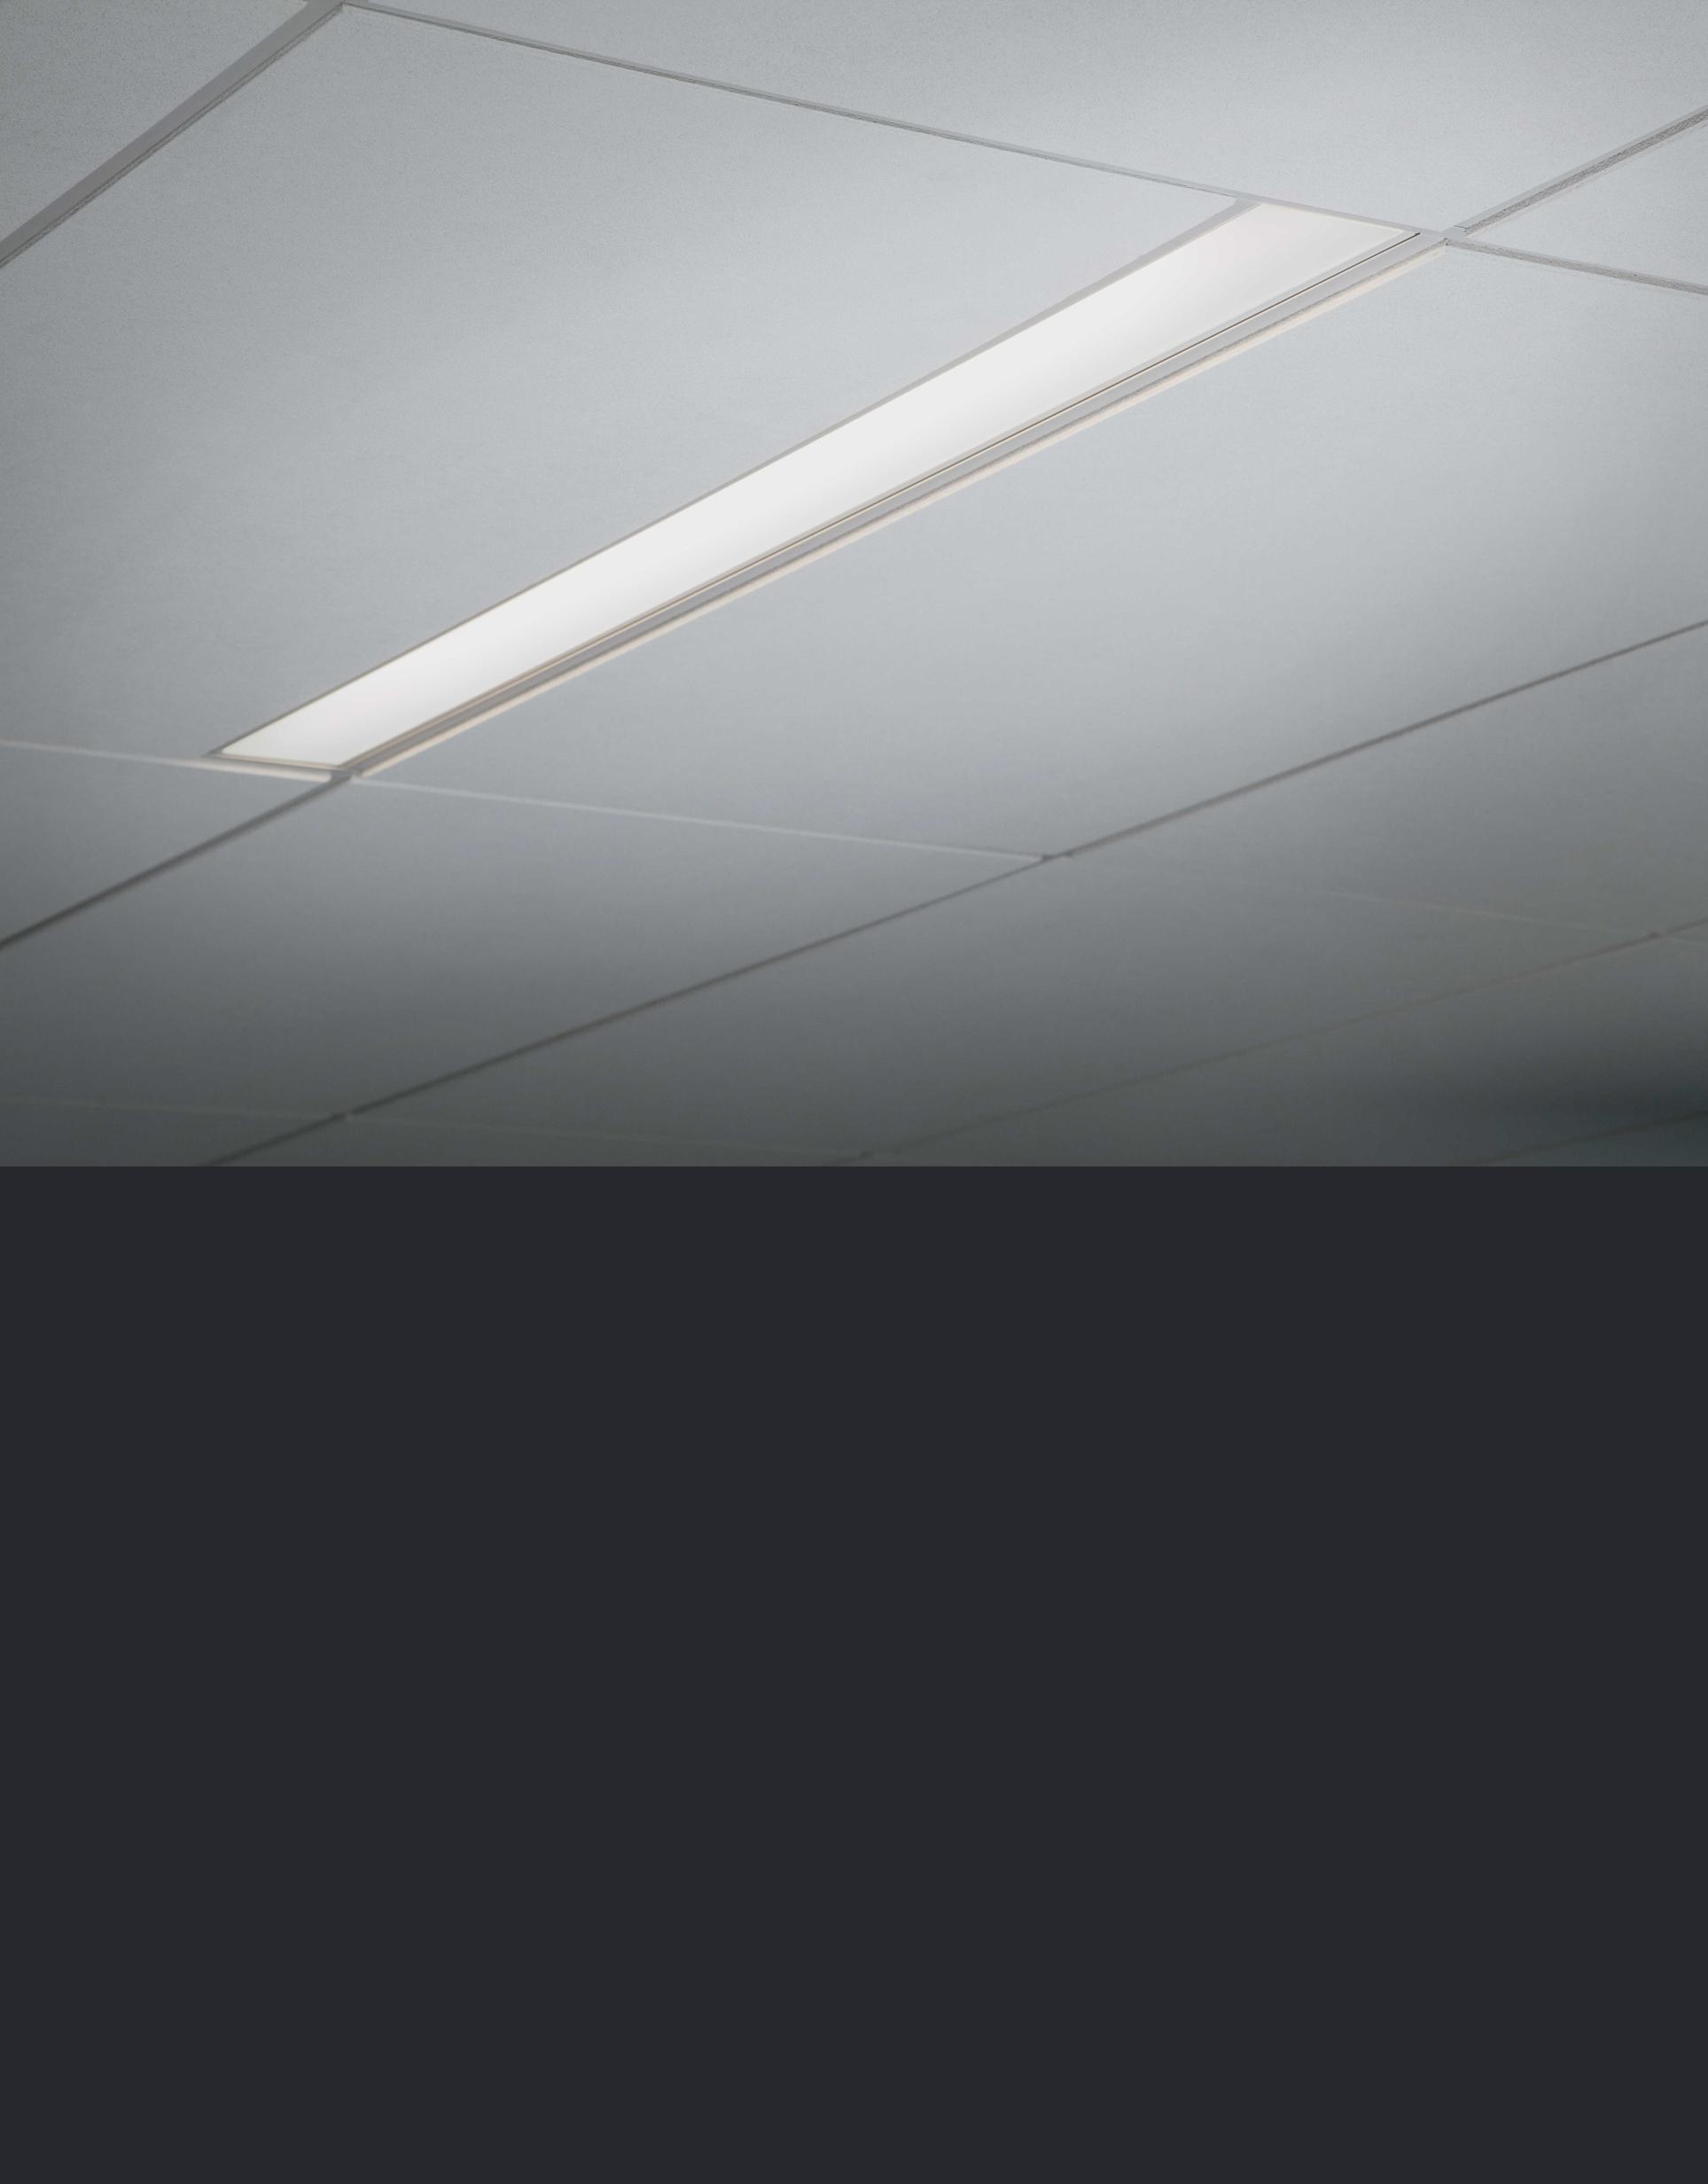 Una Recessed Ceiling Ocl